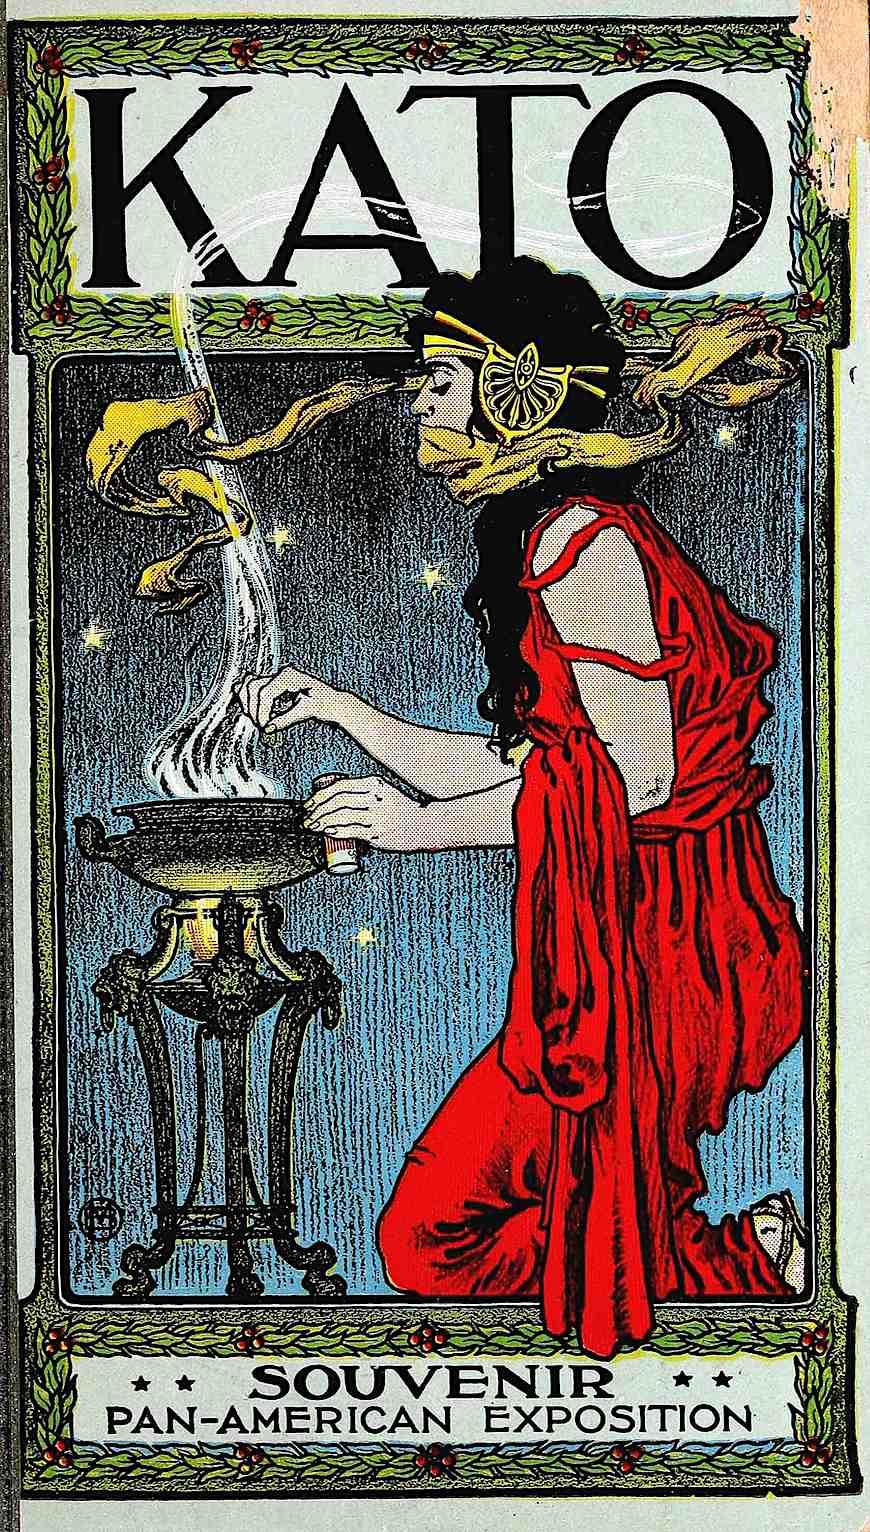 1901 Souvenir Pan-American Exposition, Kato, a color poster